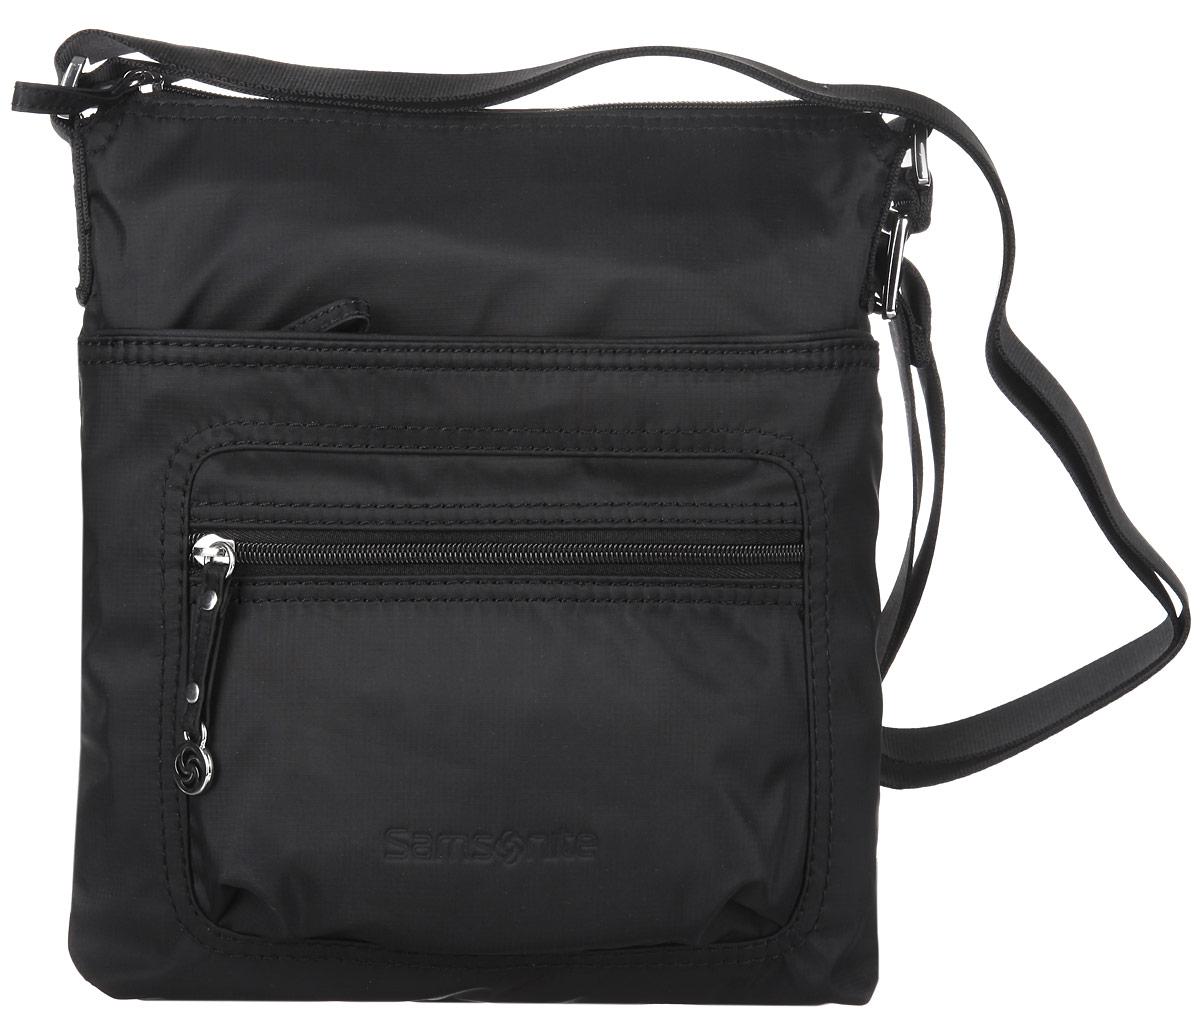 Сумка женская Samsonite, цвет: черный. 5H3-091285H3-09128Стильная женская сумка Samsonite выполнена из полиамида, оформлена металлической фурнитурой и символикой бренда. Изделие содержит одно отделение, закрывающееся на застежку-молнию. Внутри сумки расположены два накладных кармашка для мелочей, врезной карман на застежке-молнии, карабин для ключей и мягкий карман для планшета. На лицевой стороне изделия расположен вместительный накладной карман на молнии и дополнительный кармашек на молнии. Изделие оснащено практичным плечевым ремнем регулируемой длины. Практичный аксессуар позволит вам завершить образ и быть неотразимой.